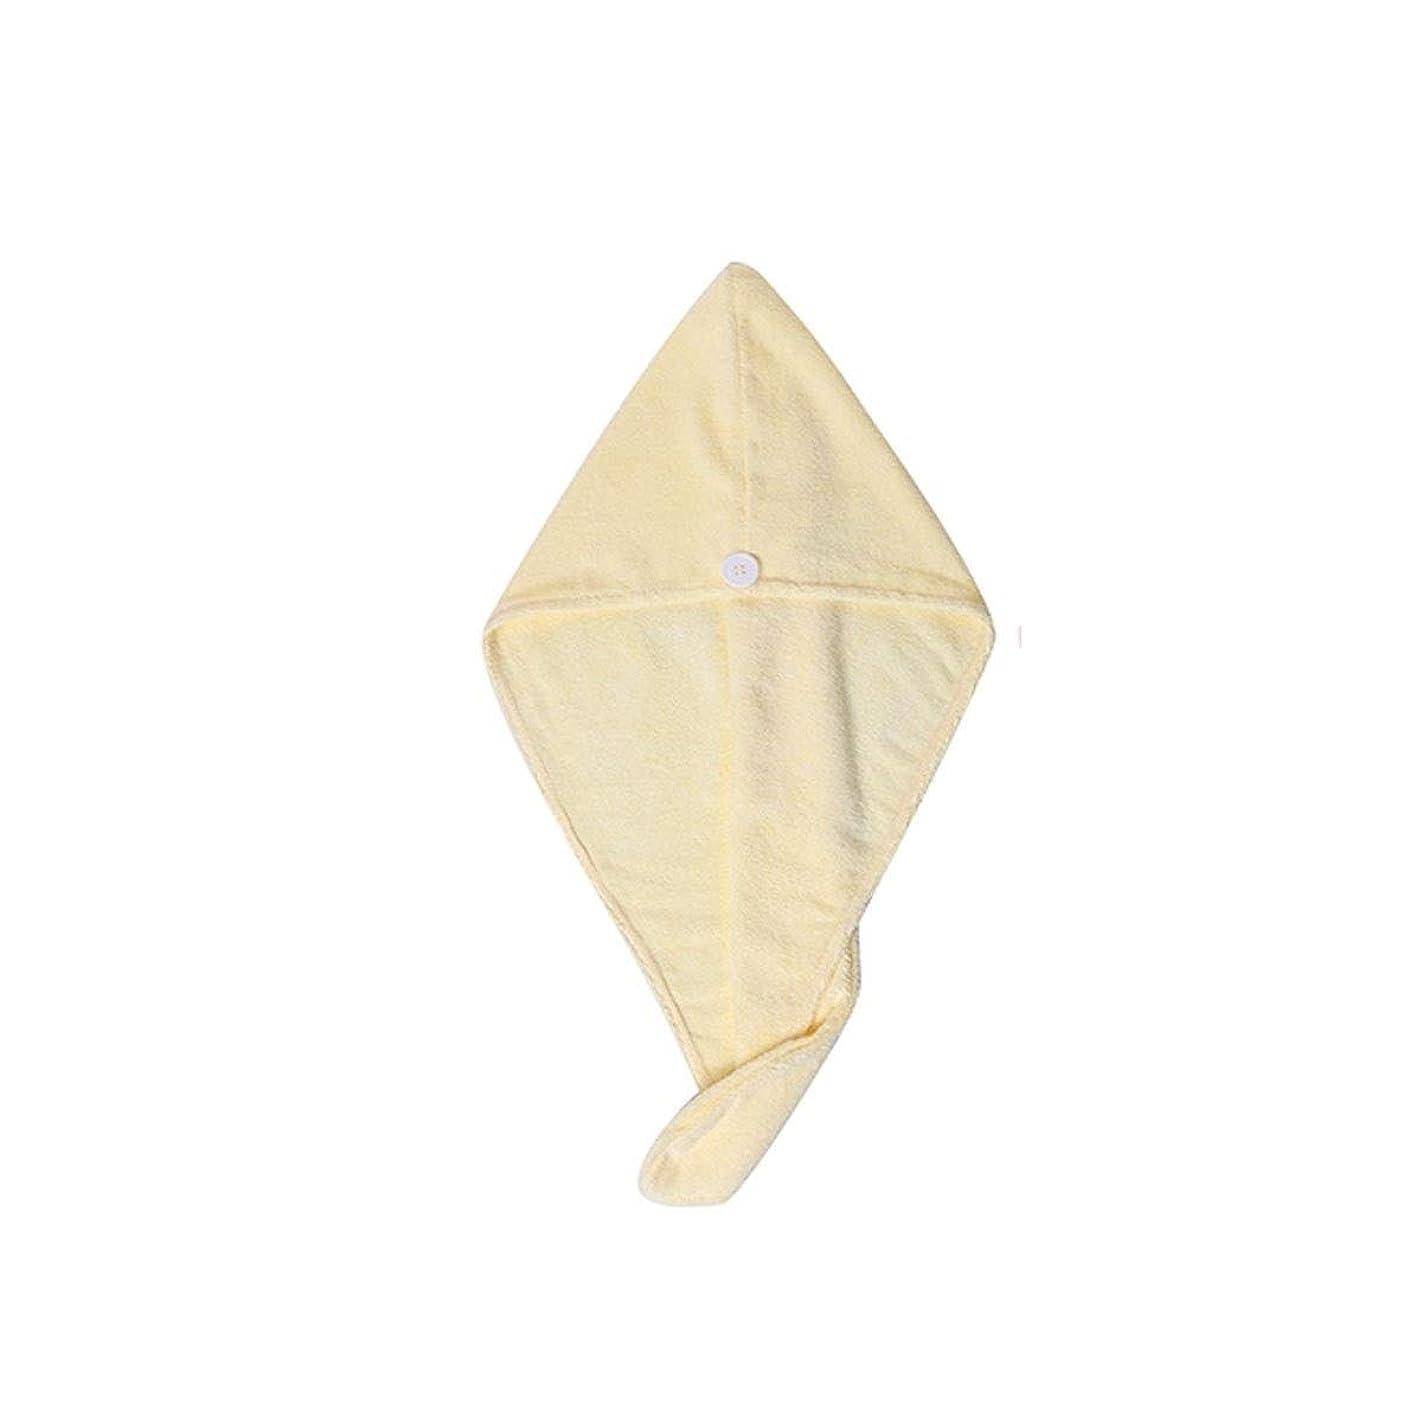 ポルノ伝統伝導率TYLDZ シャワーキャップ、乾いた髪キャップ、女性の柔らかな吸水性と速乾性シャワーキャップ、1枚のタオル、フード付きのシャワーキャップ、ピンク、黄色、紫 (Color : Yellow)